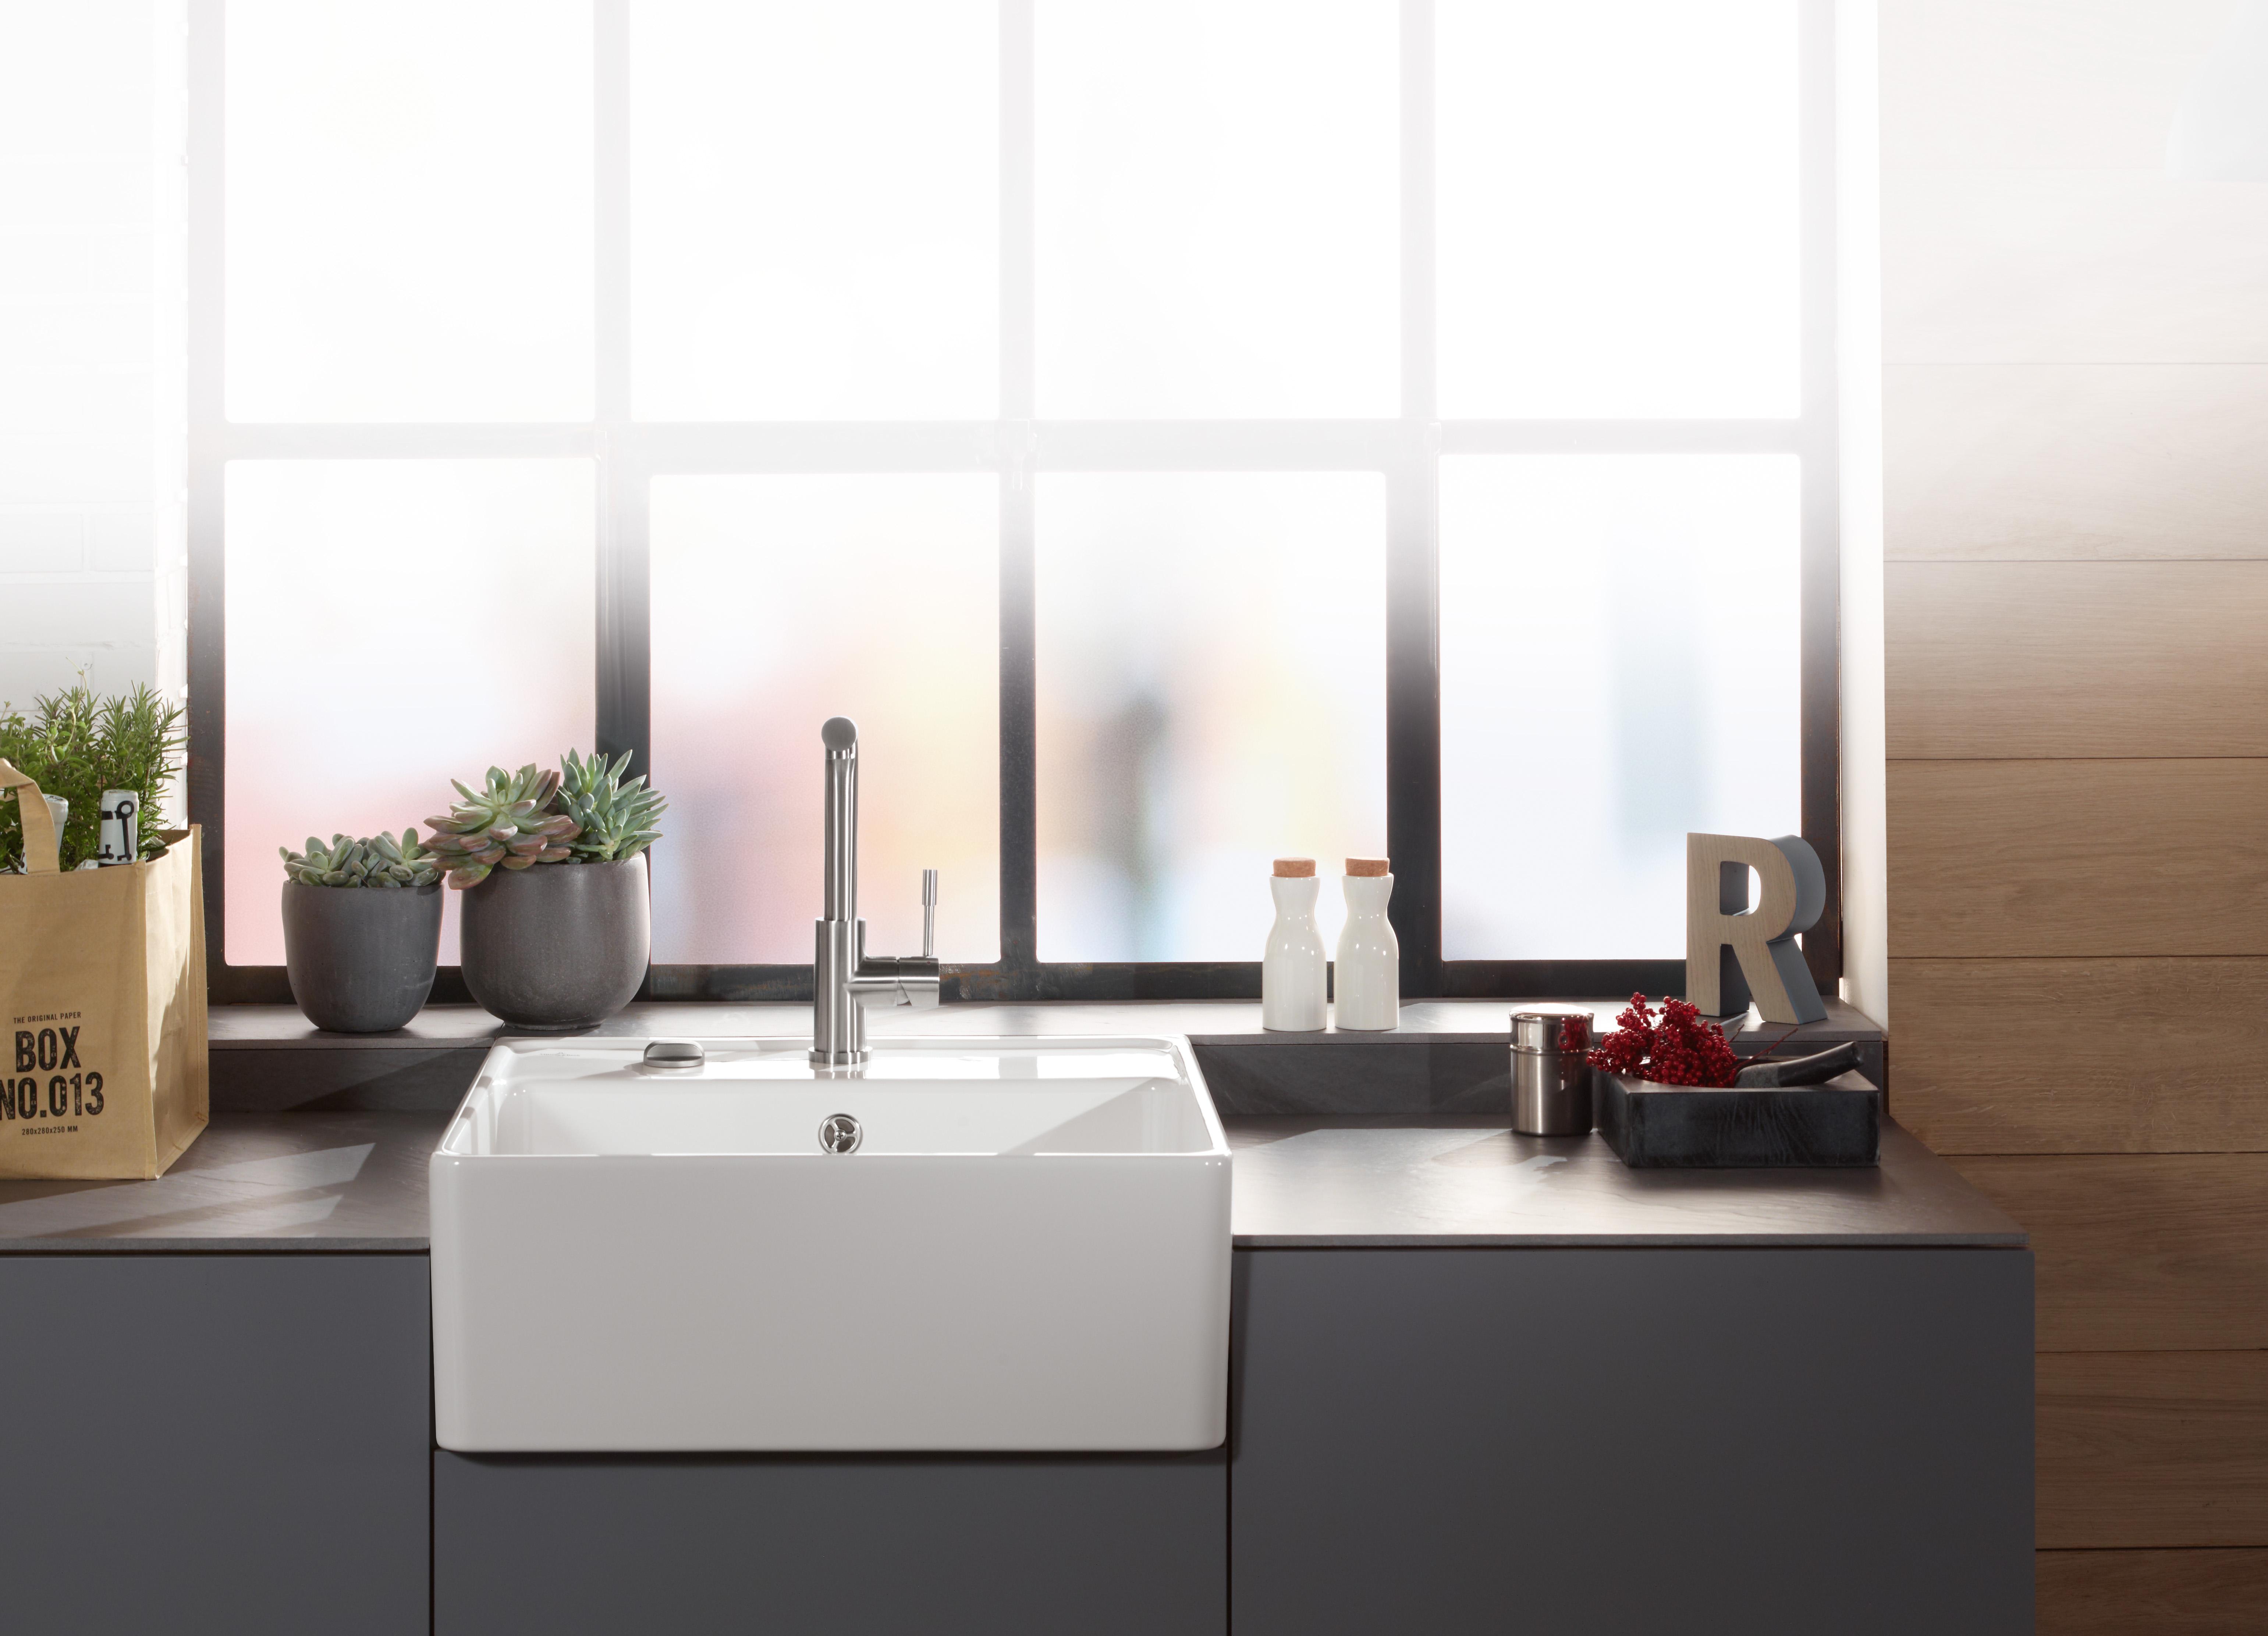 Sink unit Сливы для одиночных раковин, Модуль кухня, Керамические мойки, Модули